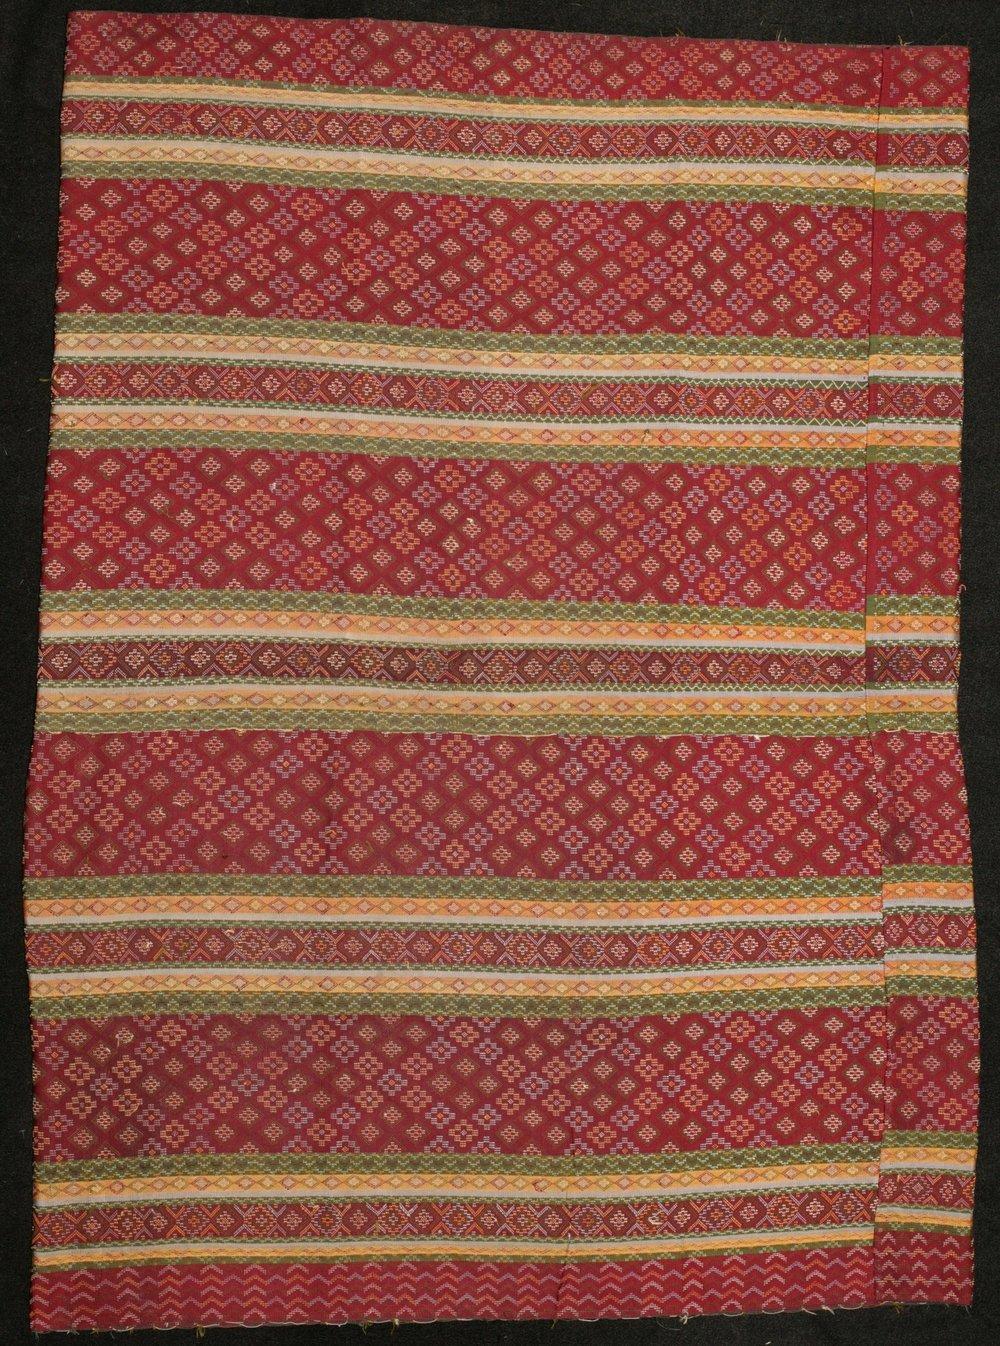 Hakachin woman's silk skirt, Burma, circa 1900.